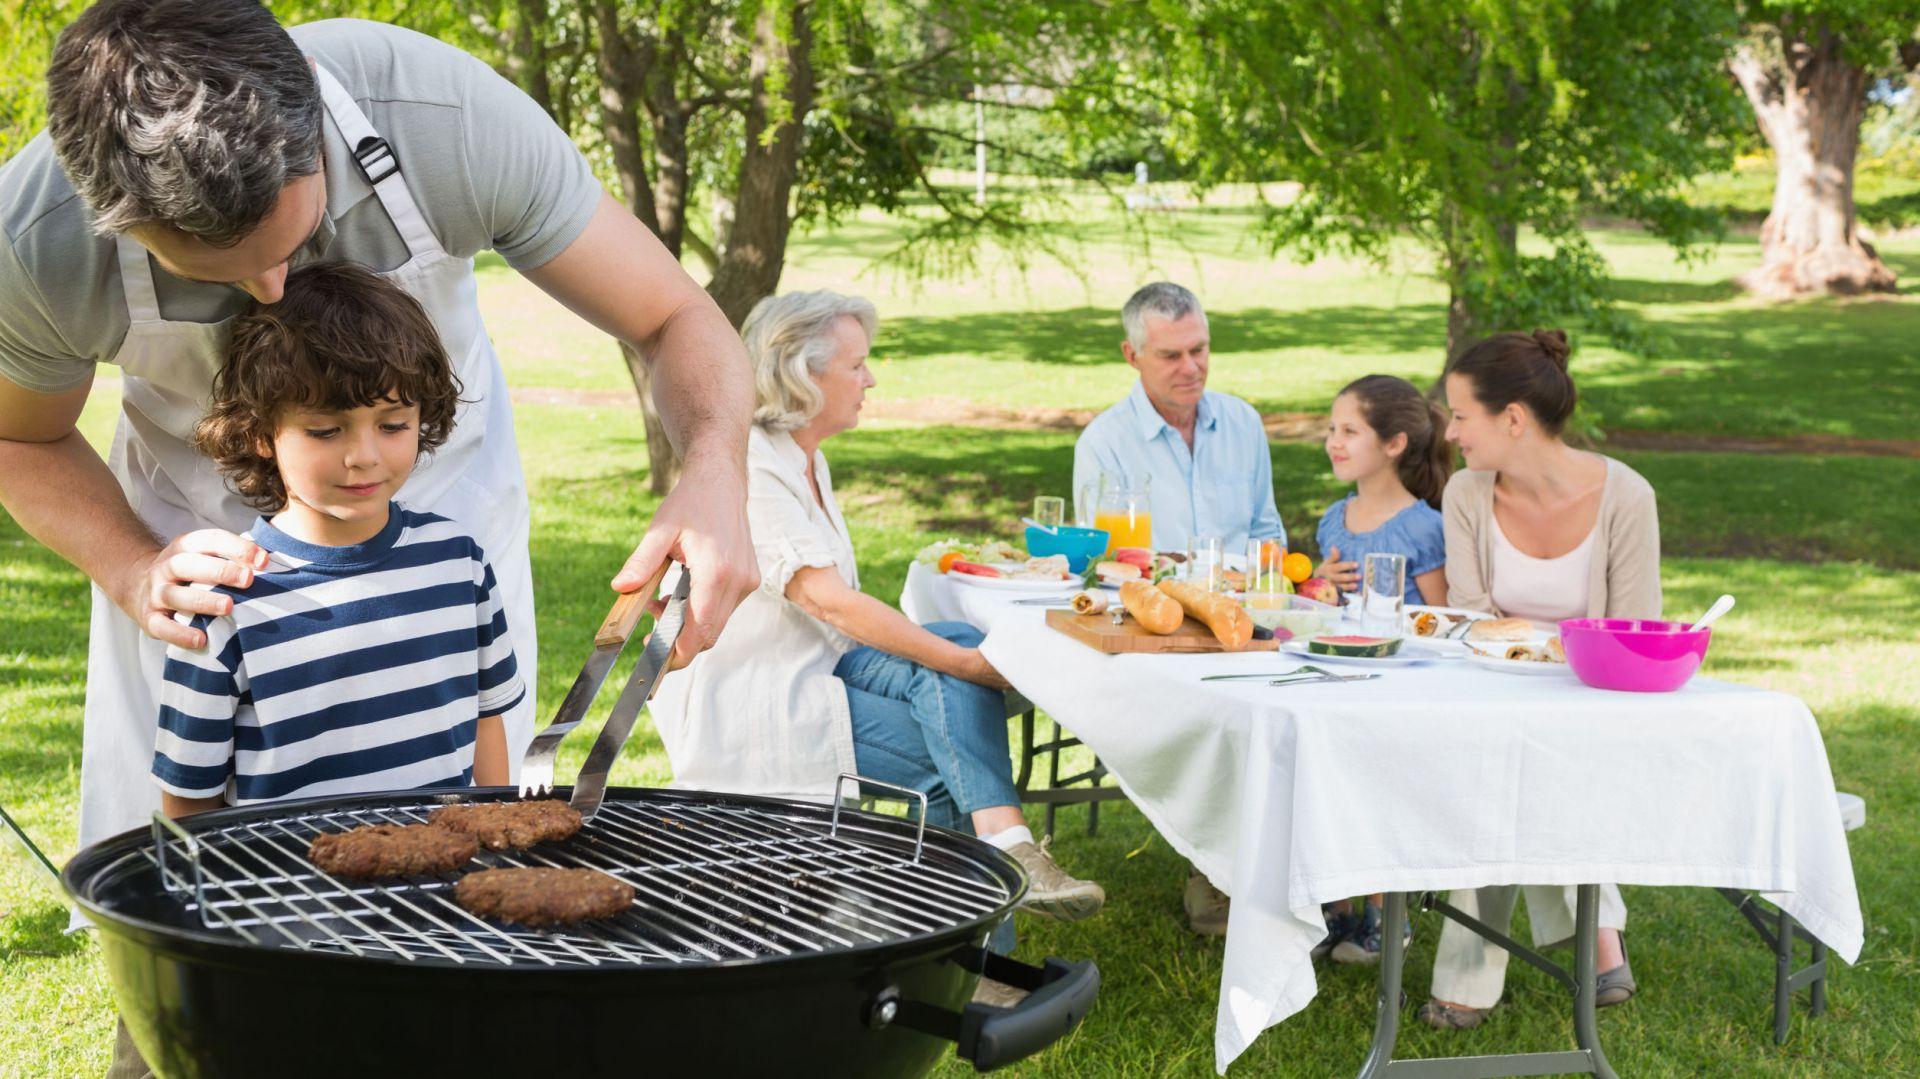 Odpowiednio zakonserwowany i utrzymany w czystości sprawi, że posiłki będą smaczne i zdrowe. Fot. 123rf